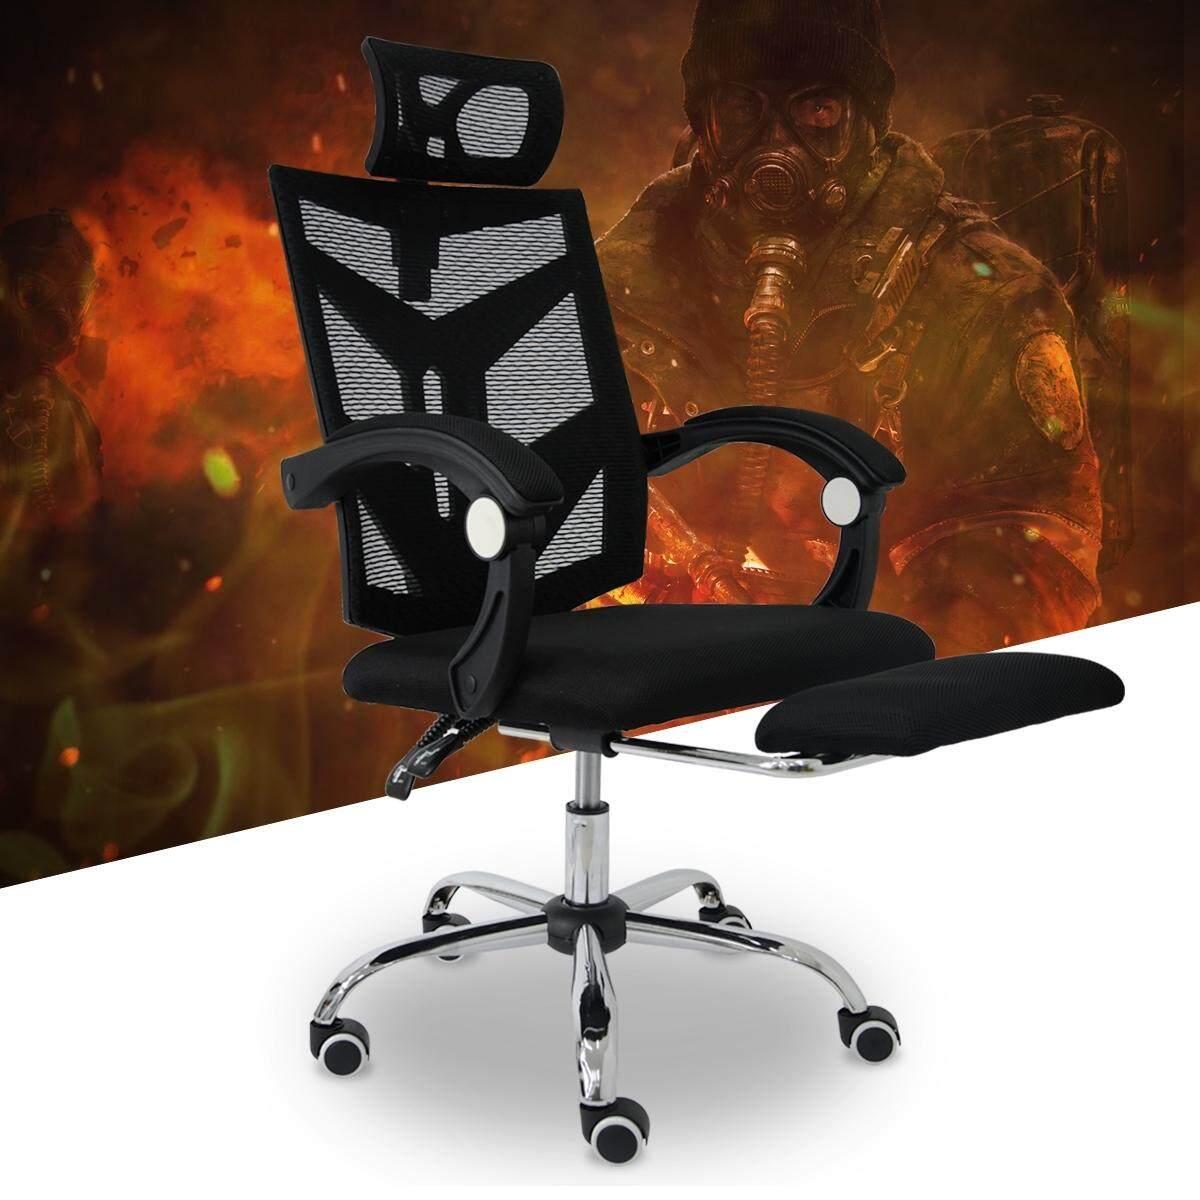 การใช้งาน  BG Furniture เก้าอี้เล่นเกม เก้าอี้เกมมิ่ง เก้าอี้คอเกม Raching Gaming Chair รุ่น G3